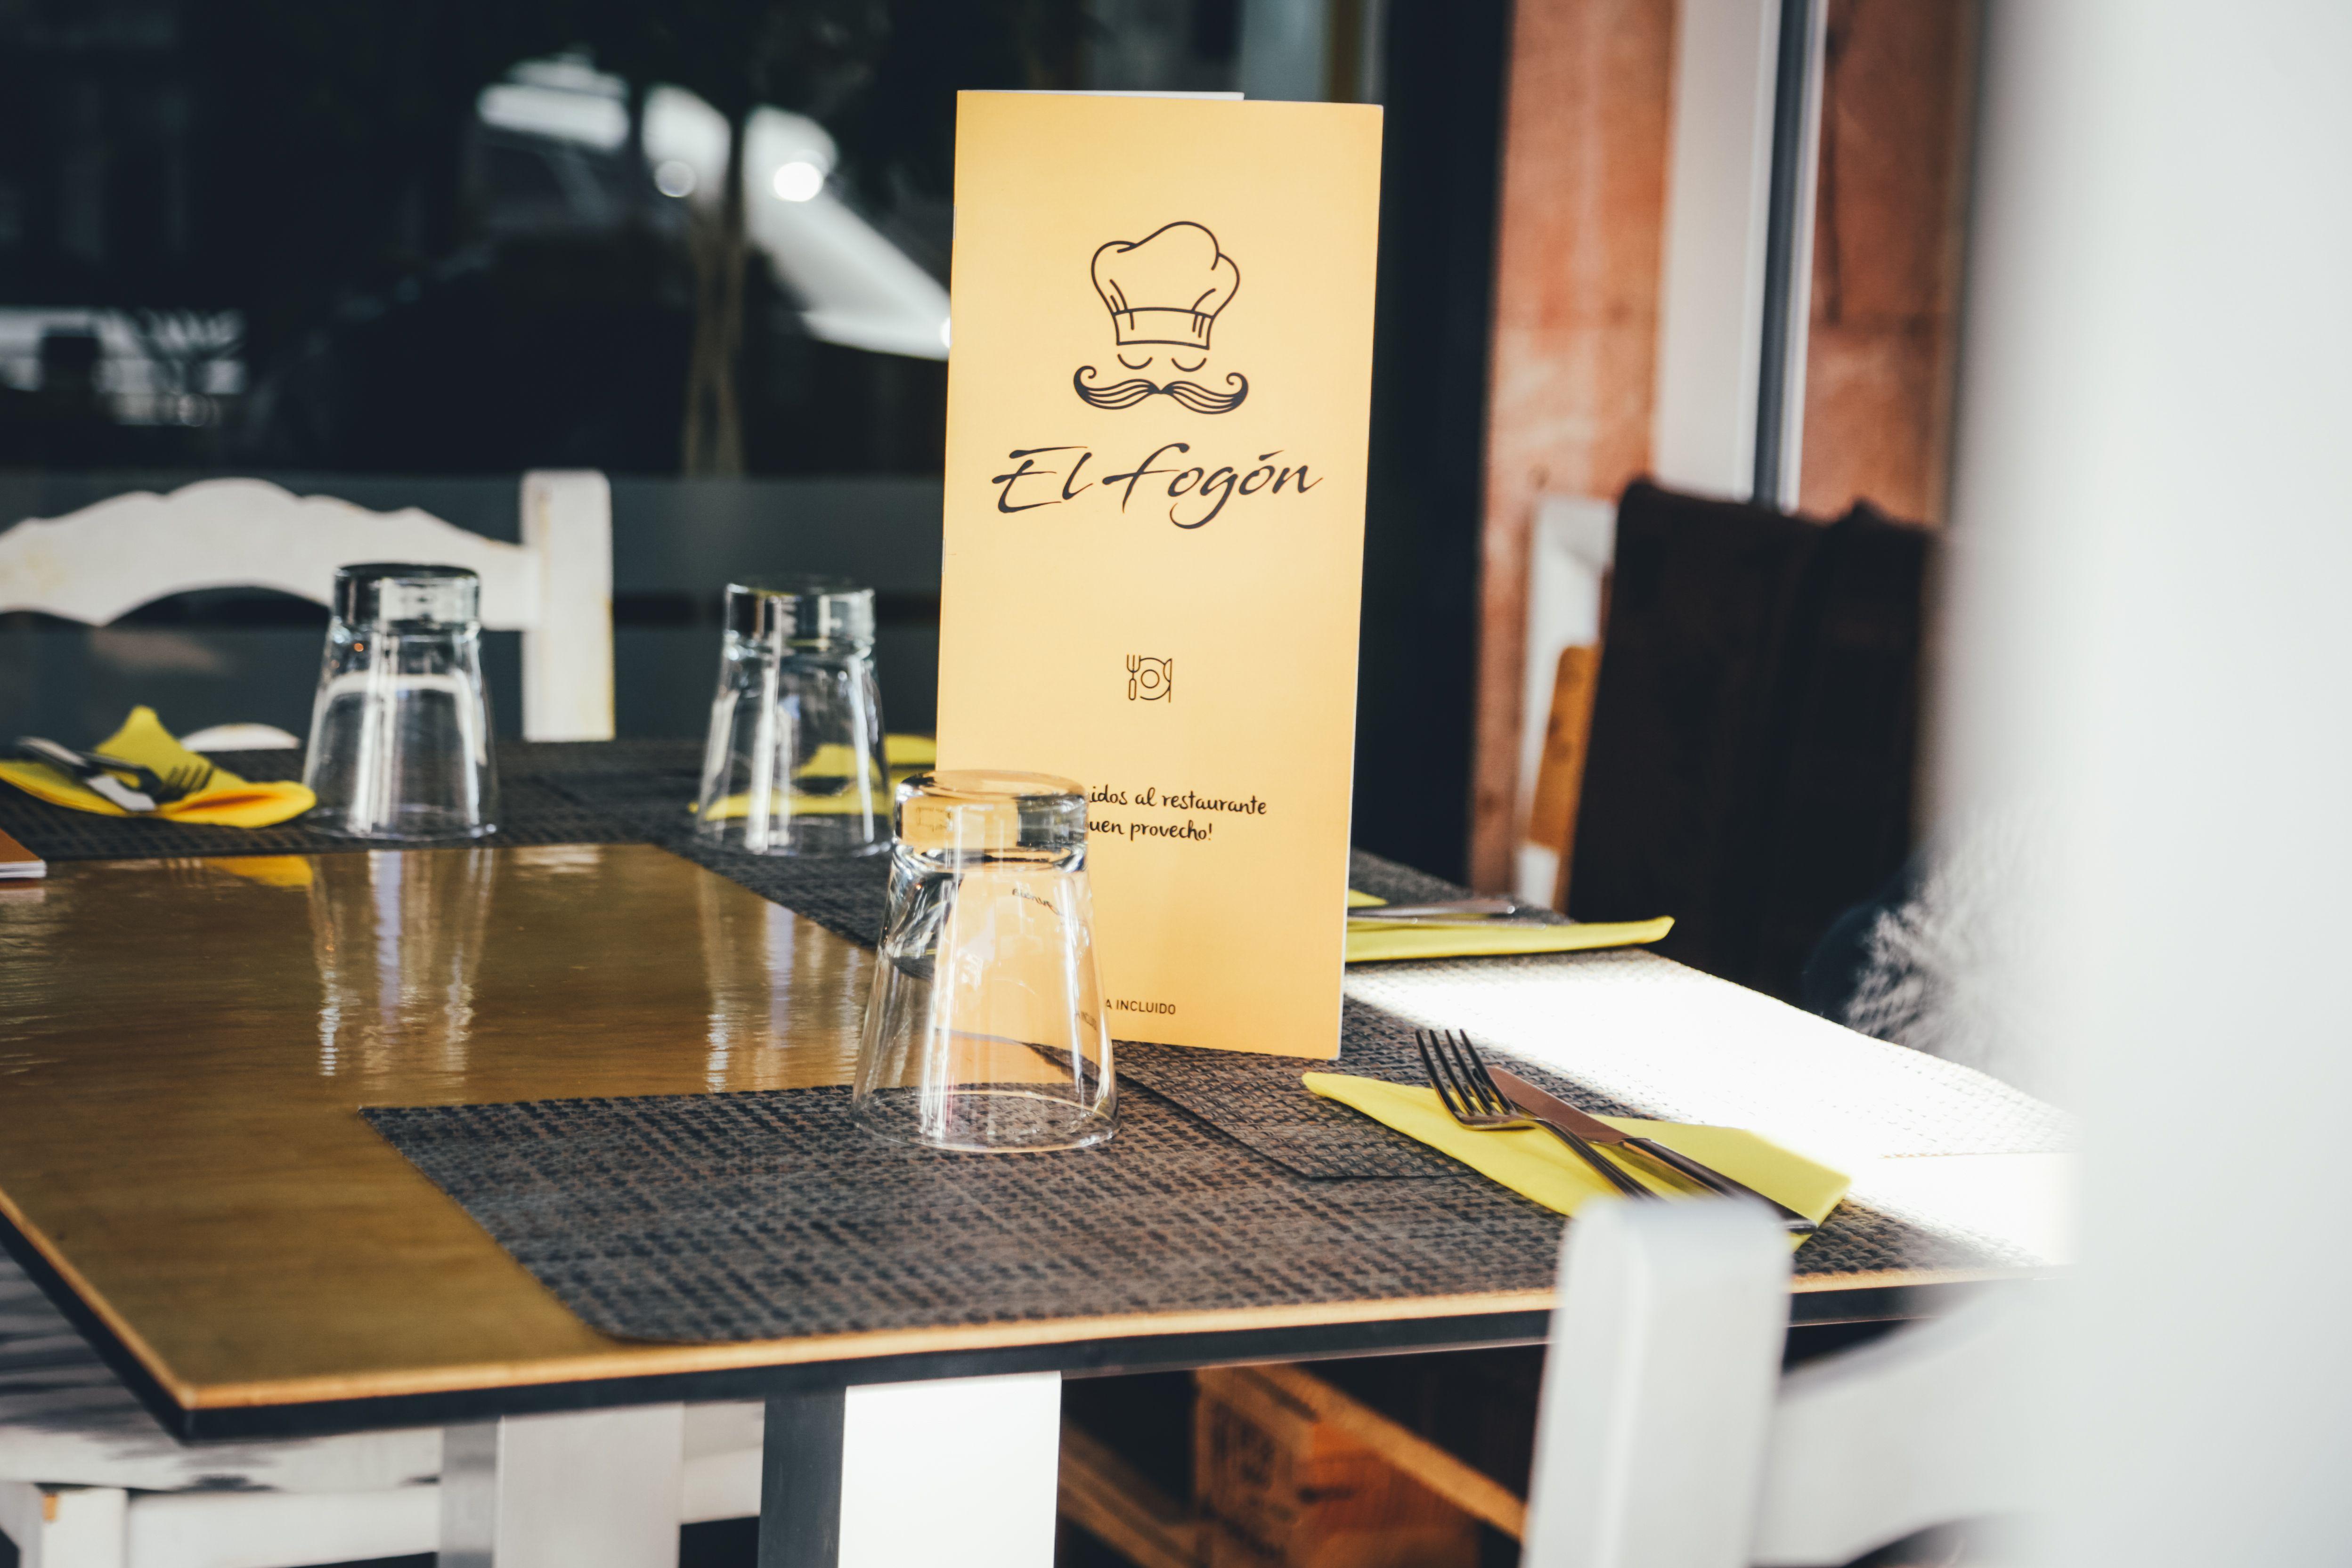 Foto 45 de International kitchen en  | El Fogón